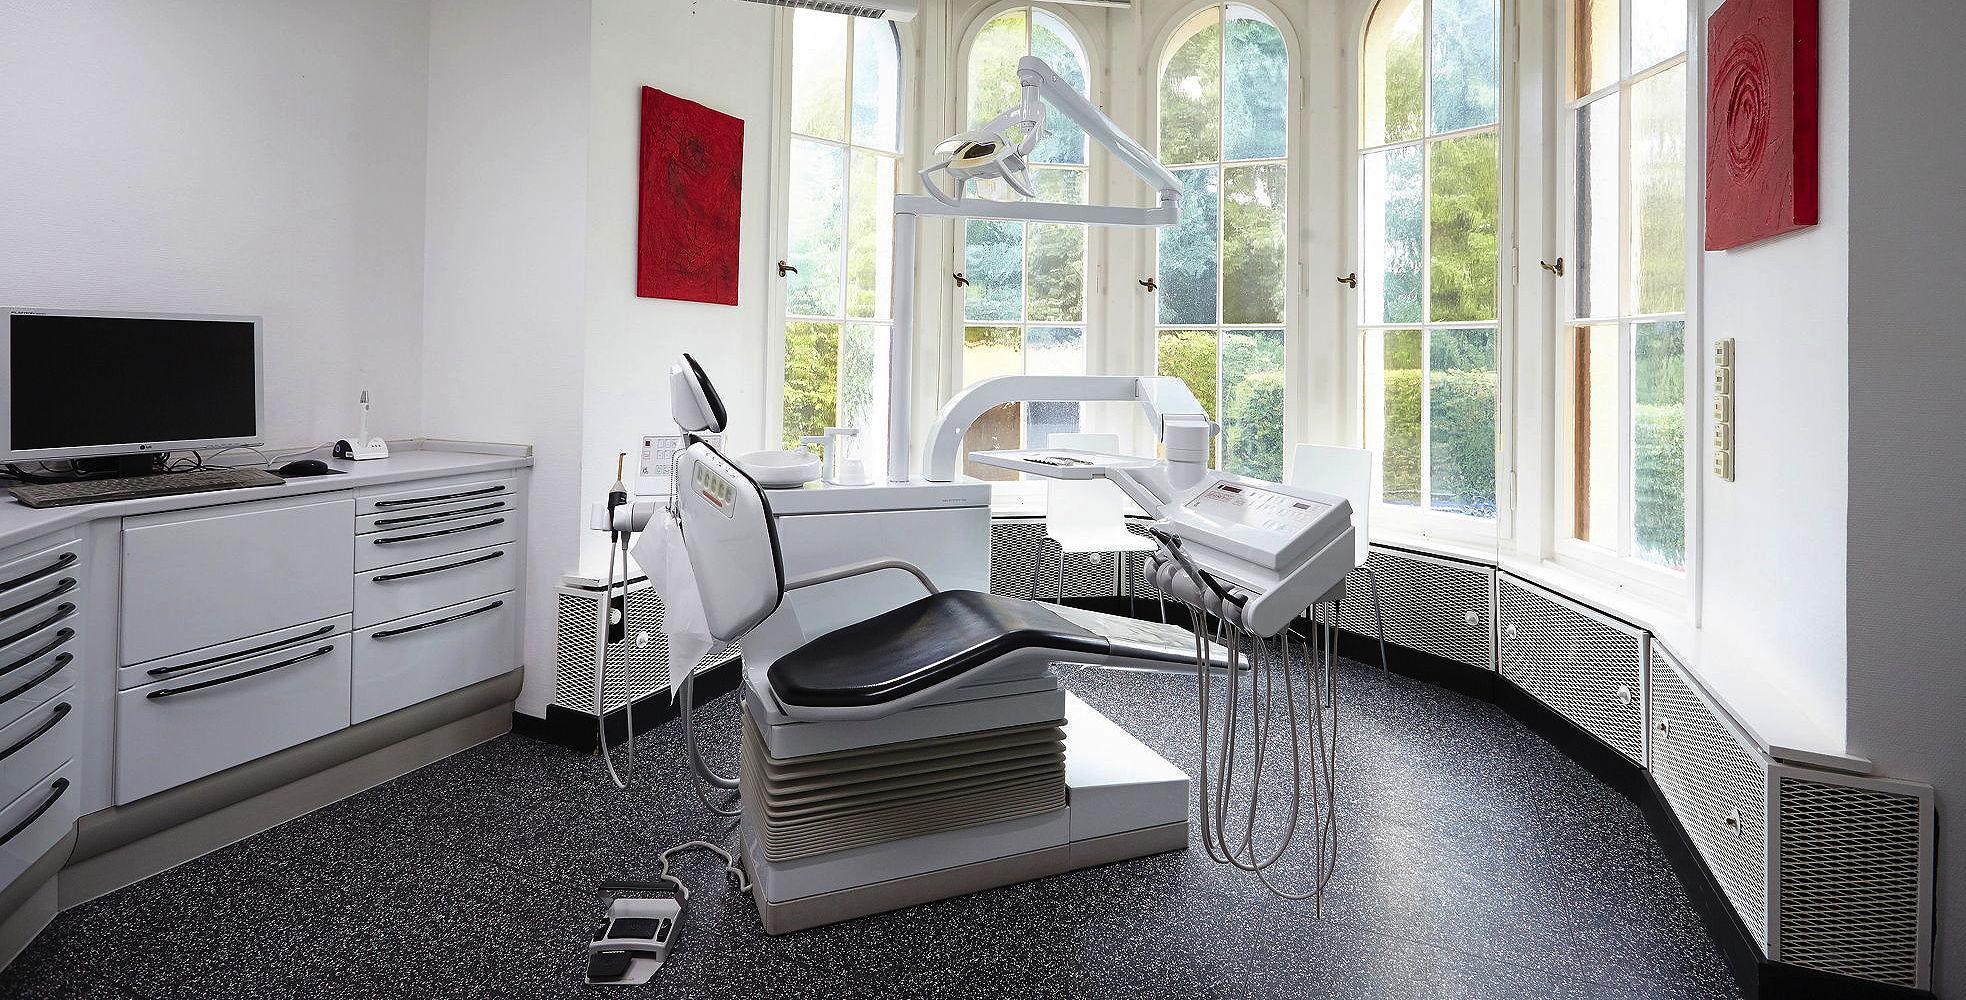 Behandlungsraum in charmantem Alt-Kölner Baustil mit Blick ins Grüne in der Zahnarztpraxis Julia Ehrlich